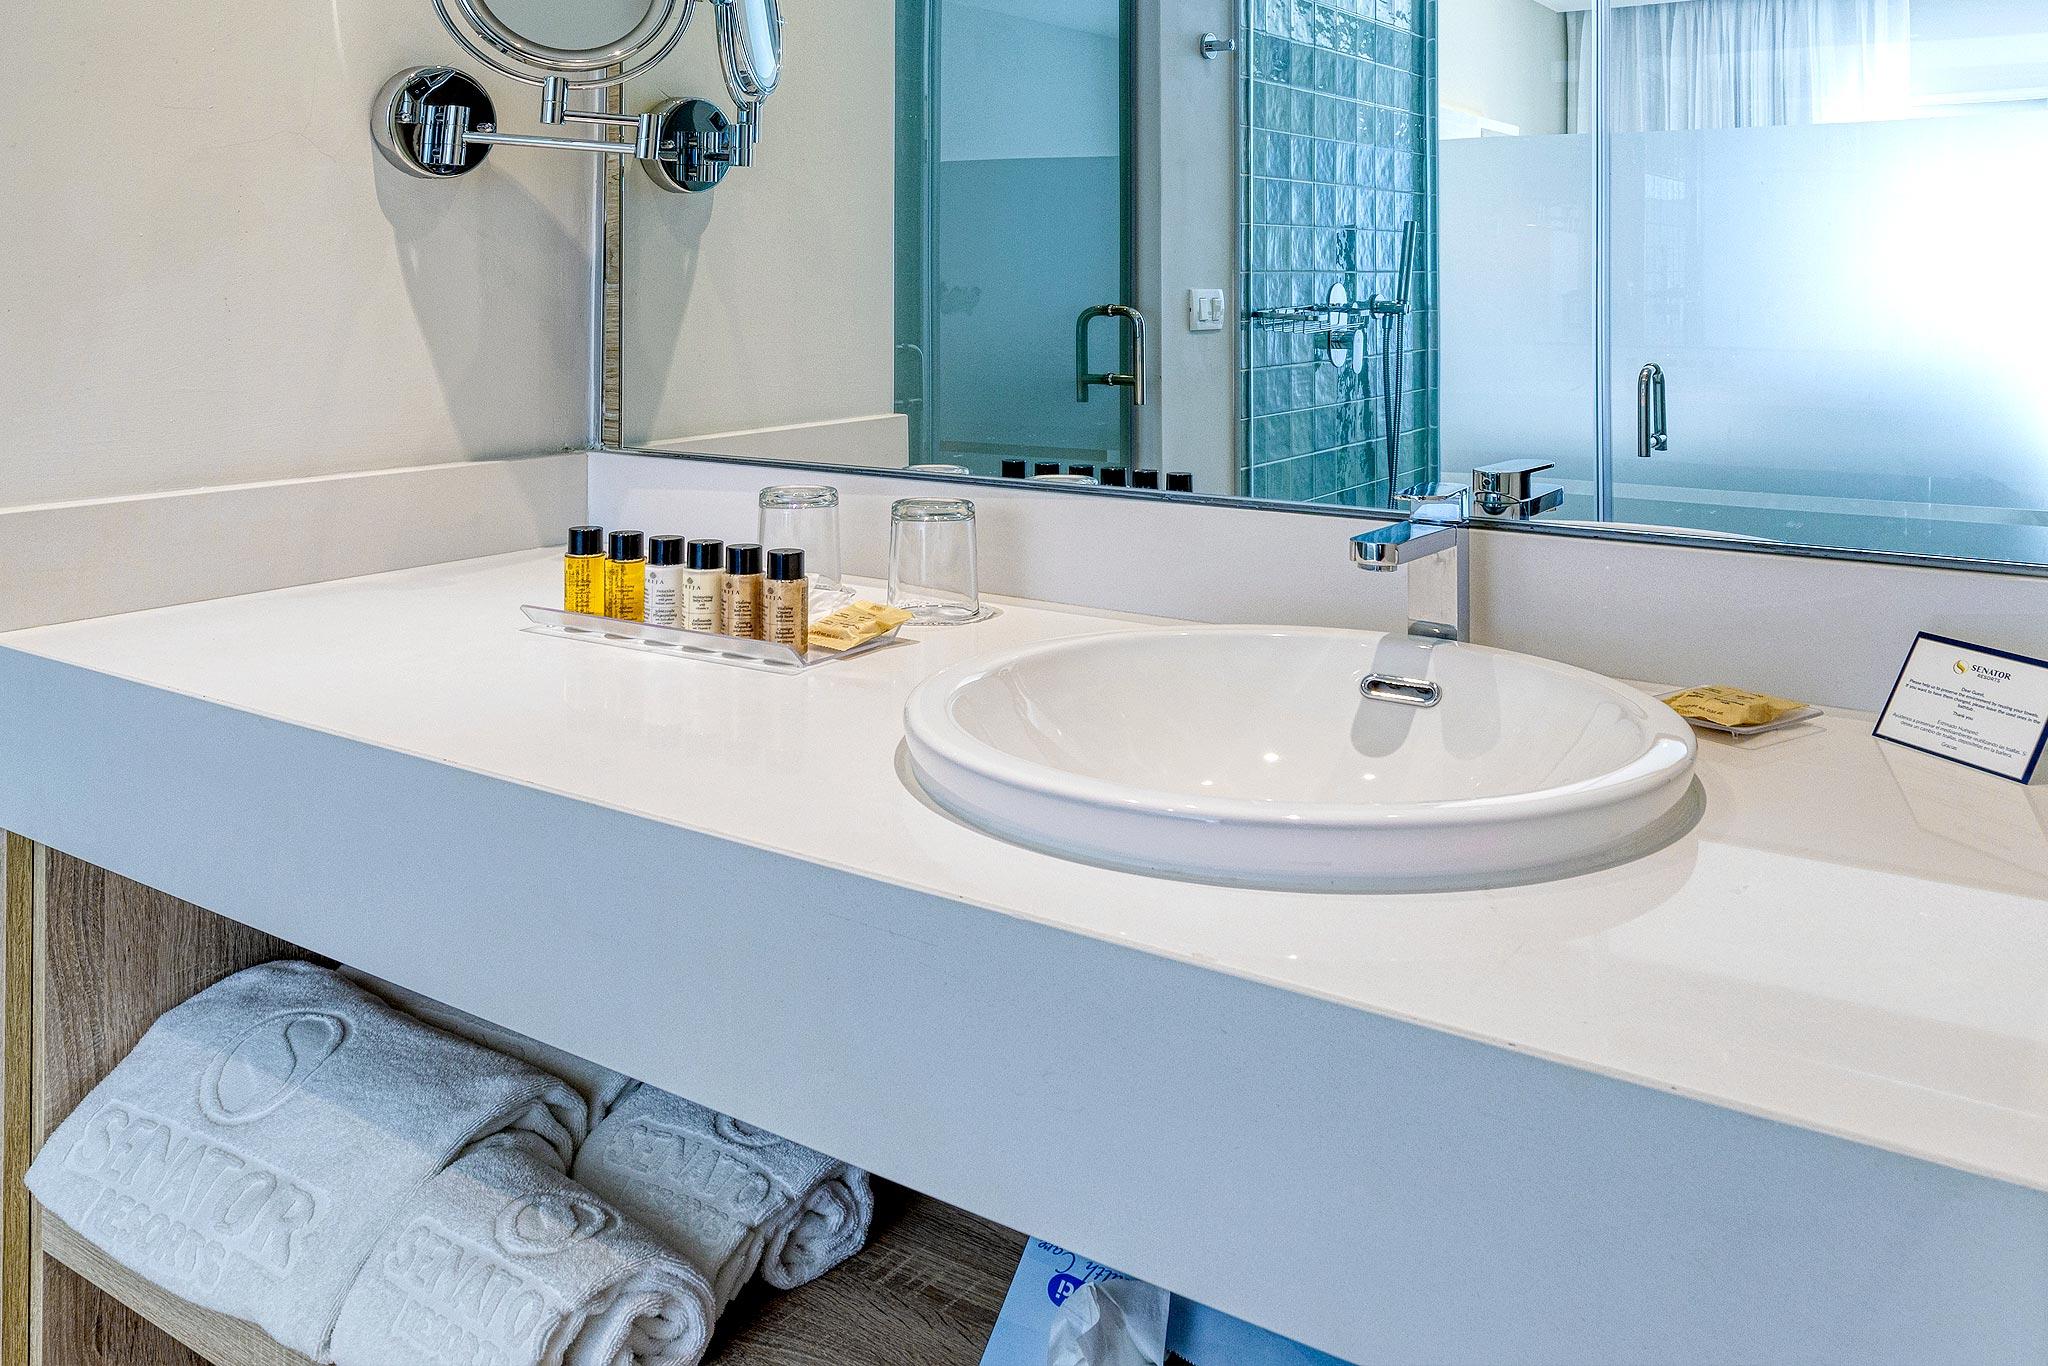 2-hotelsenator-topes-baño-abastel